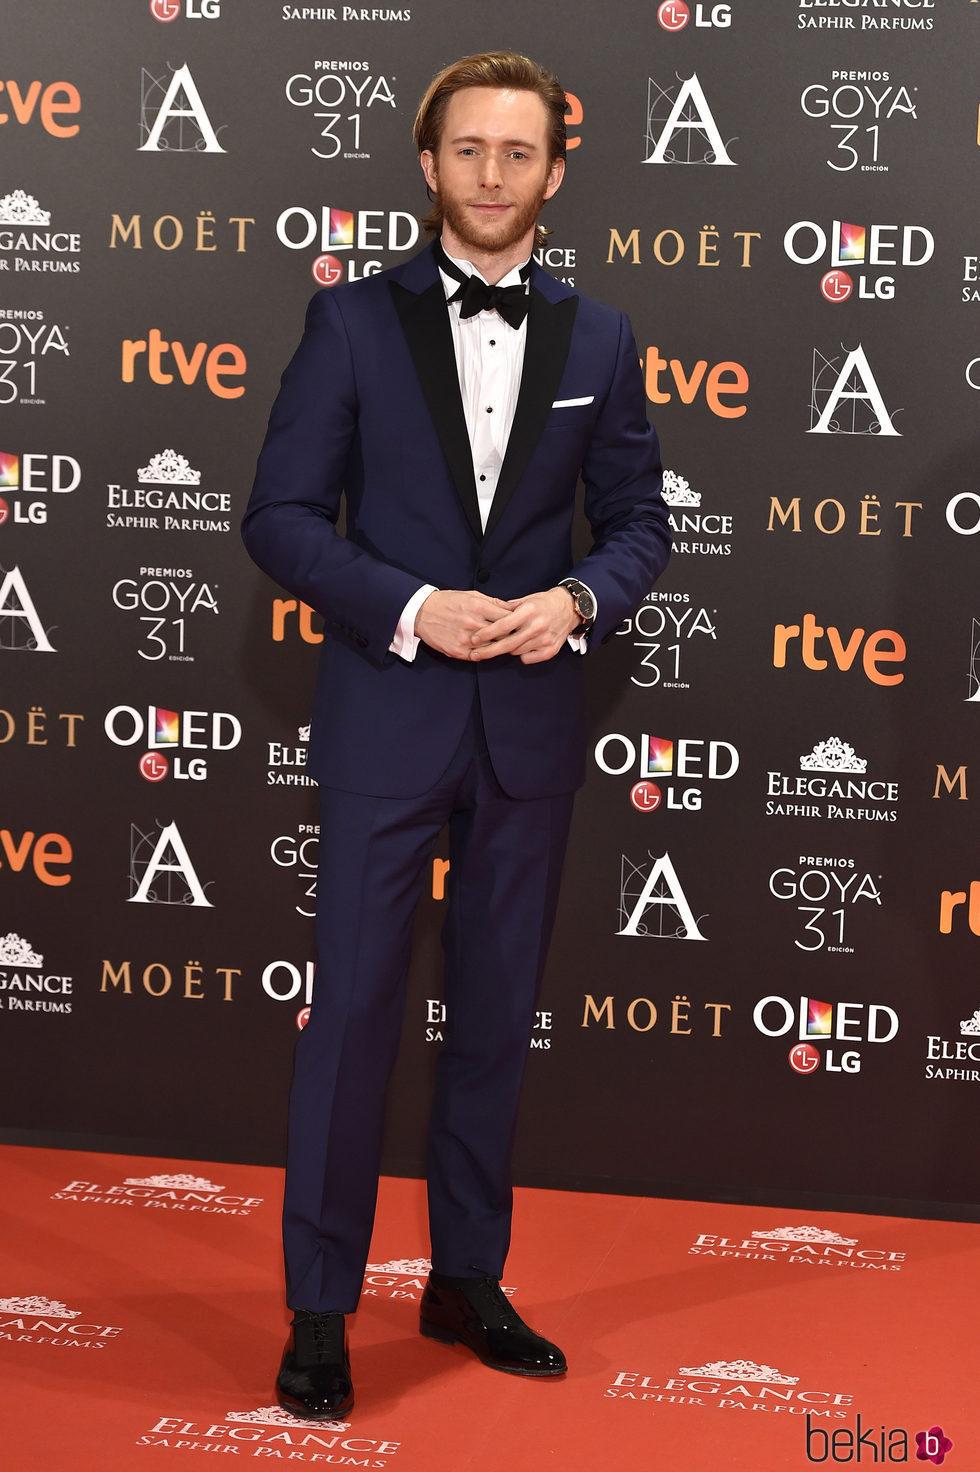 Pablo Rivero en la alfombra roja de los Premios Goya 2017